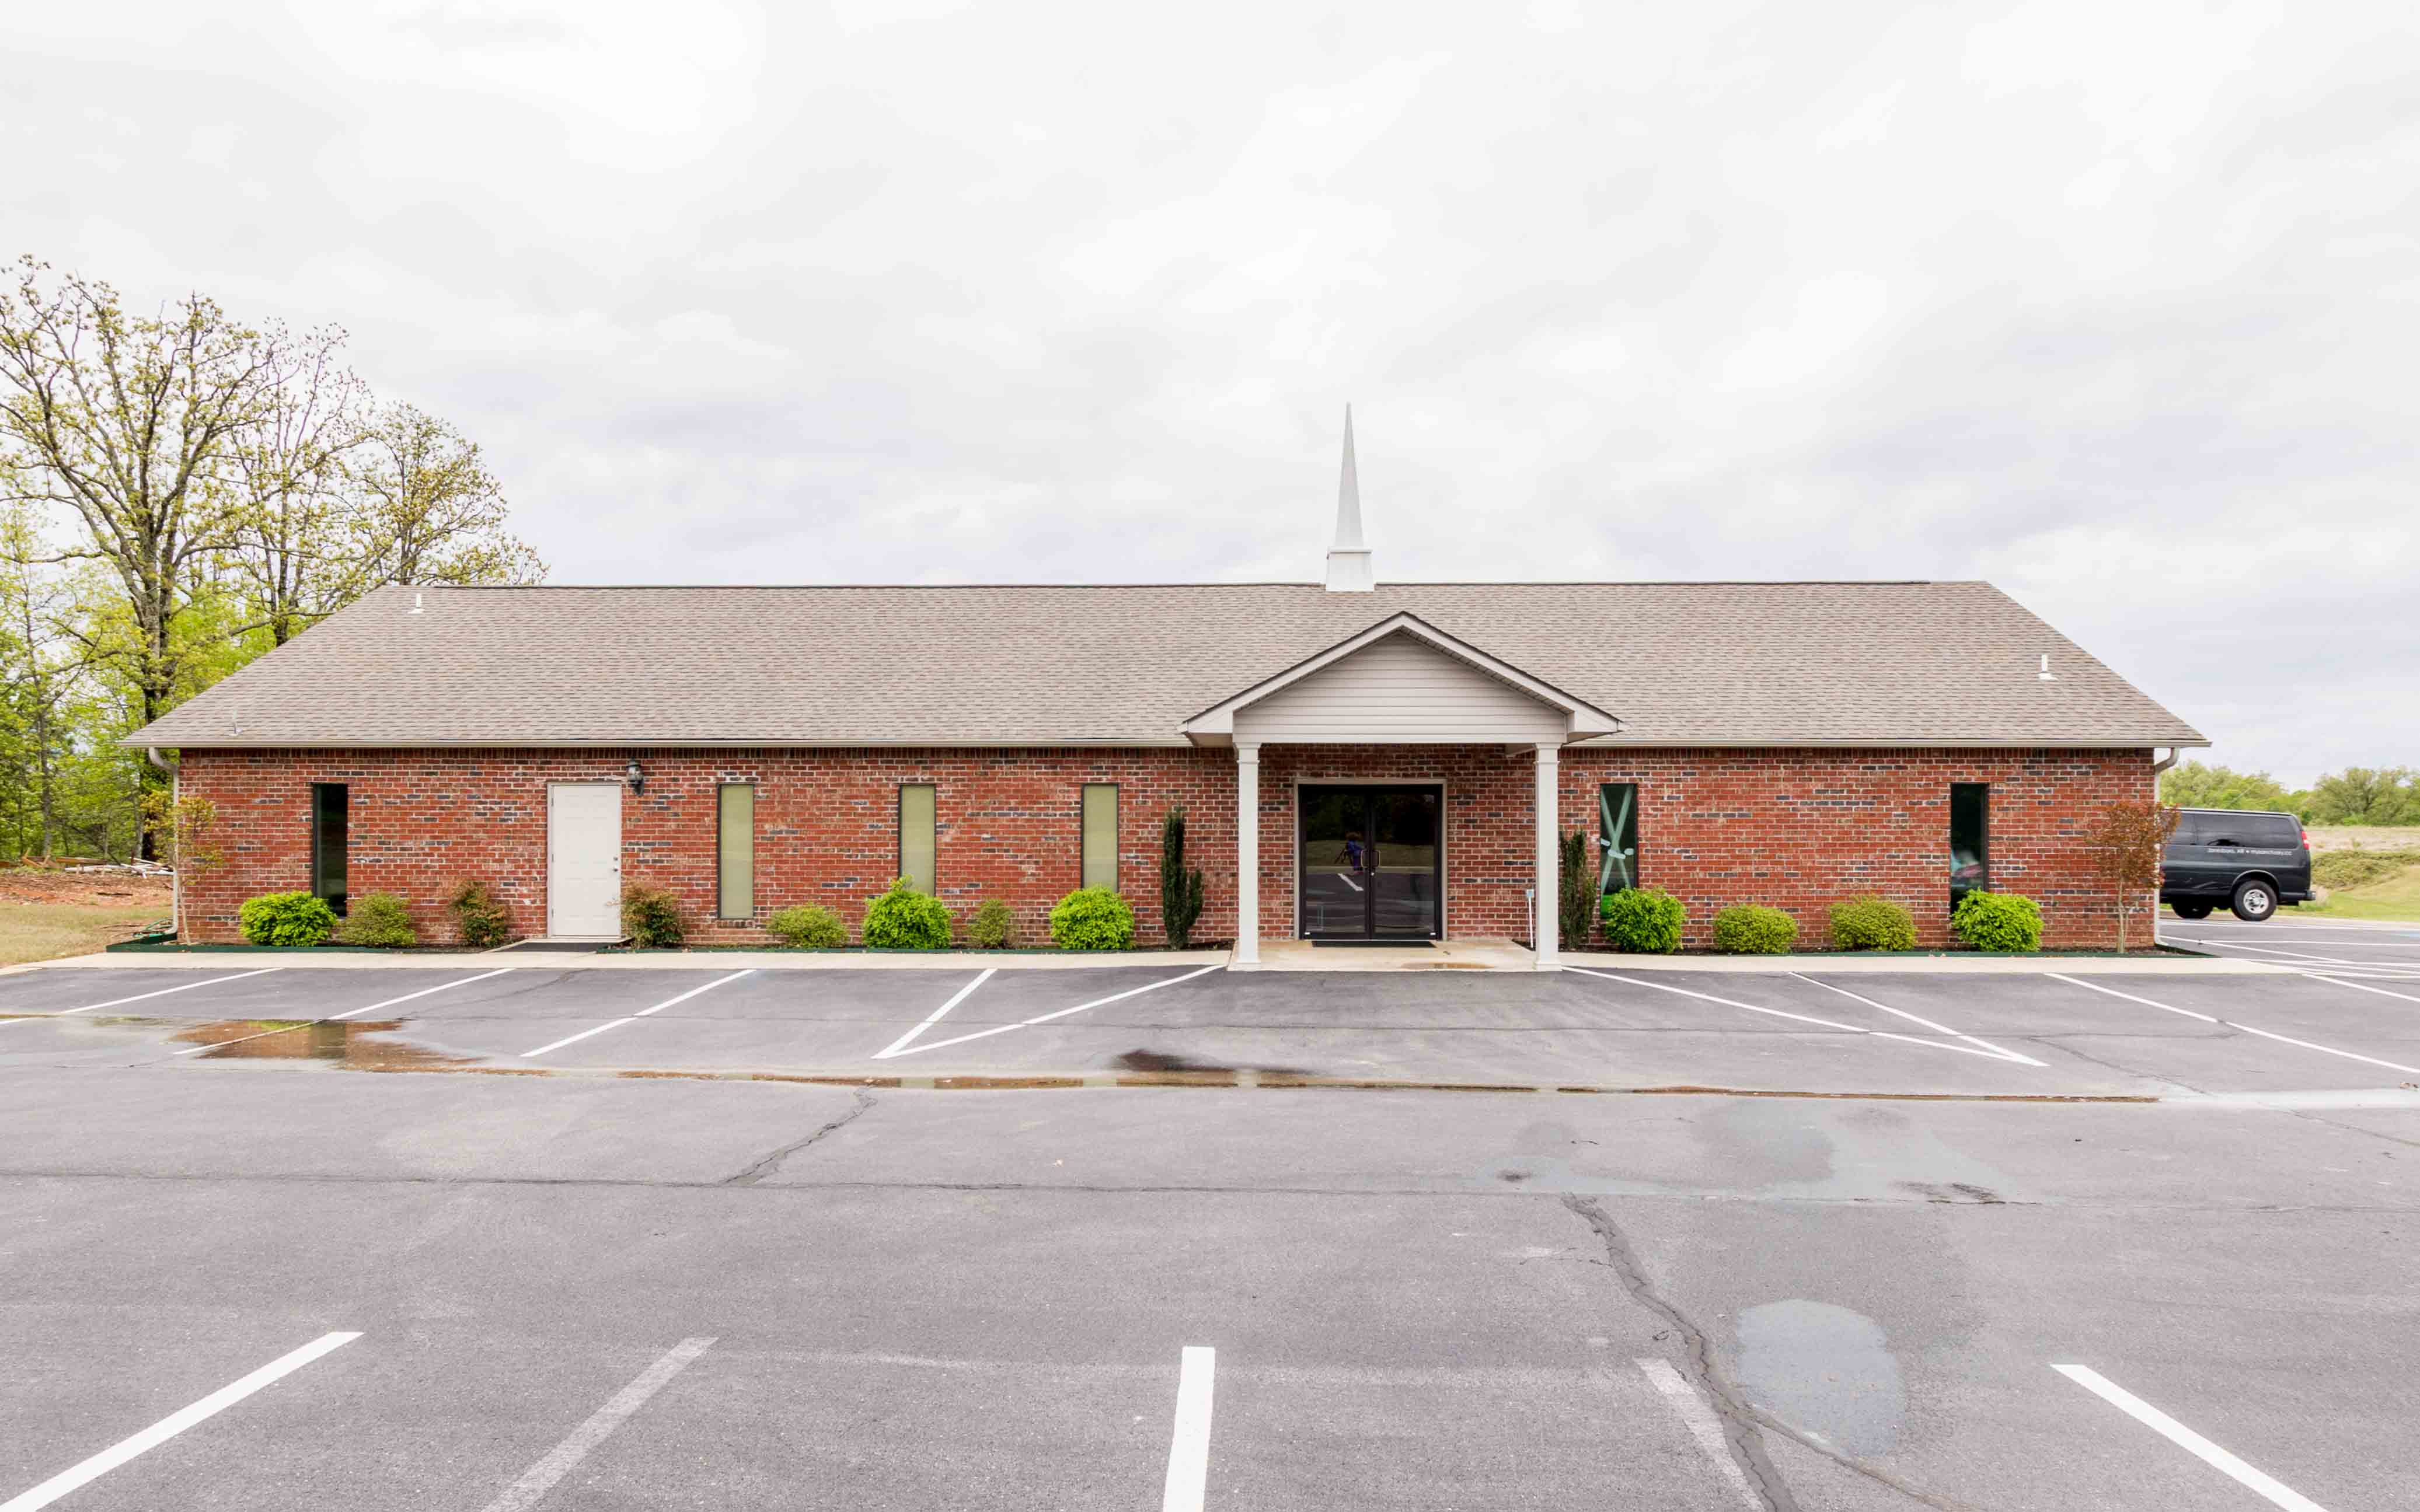 1632 Strawfloor Dr, Jonesboro, AR 72404, Jonesboro, Arkansas 72404